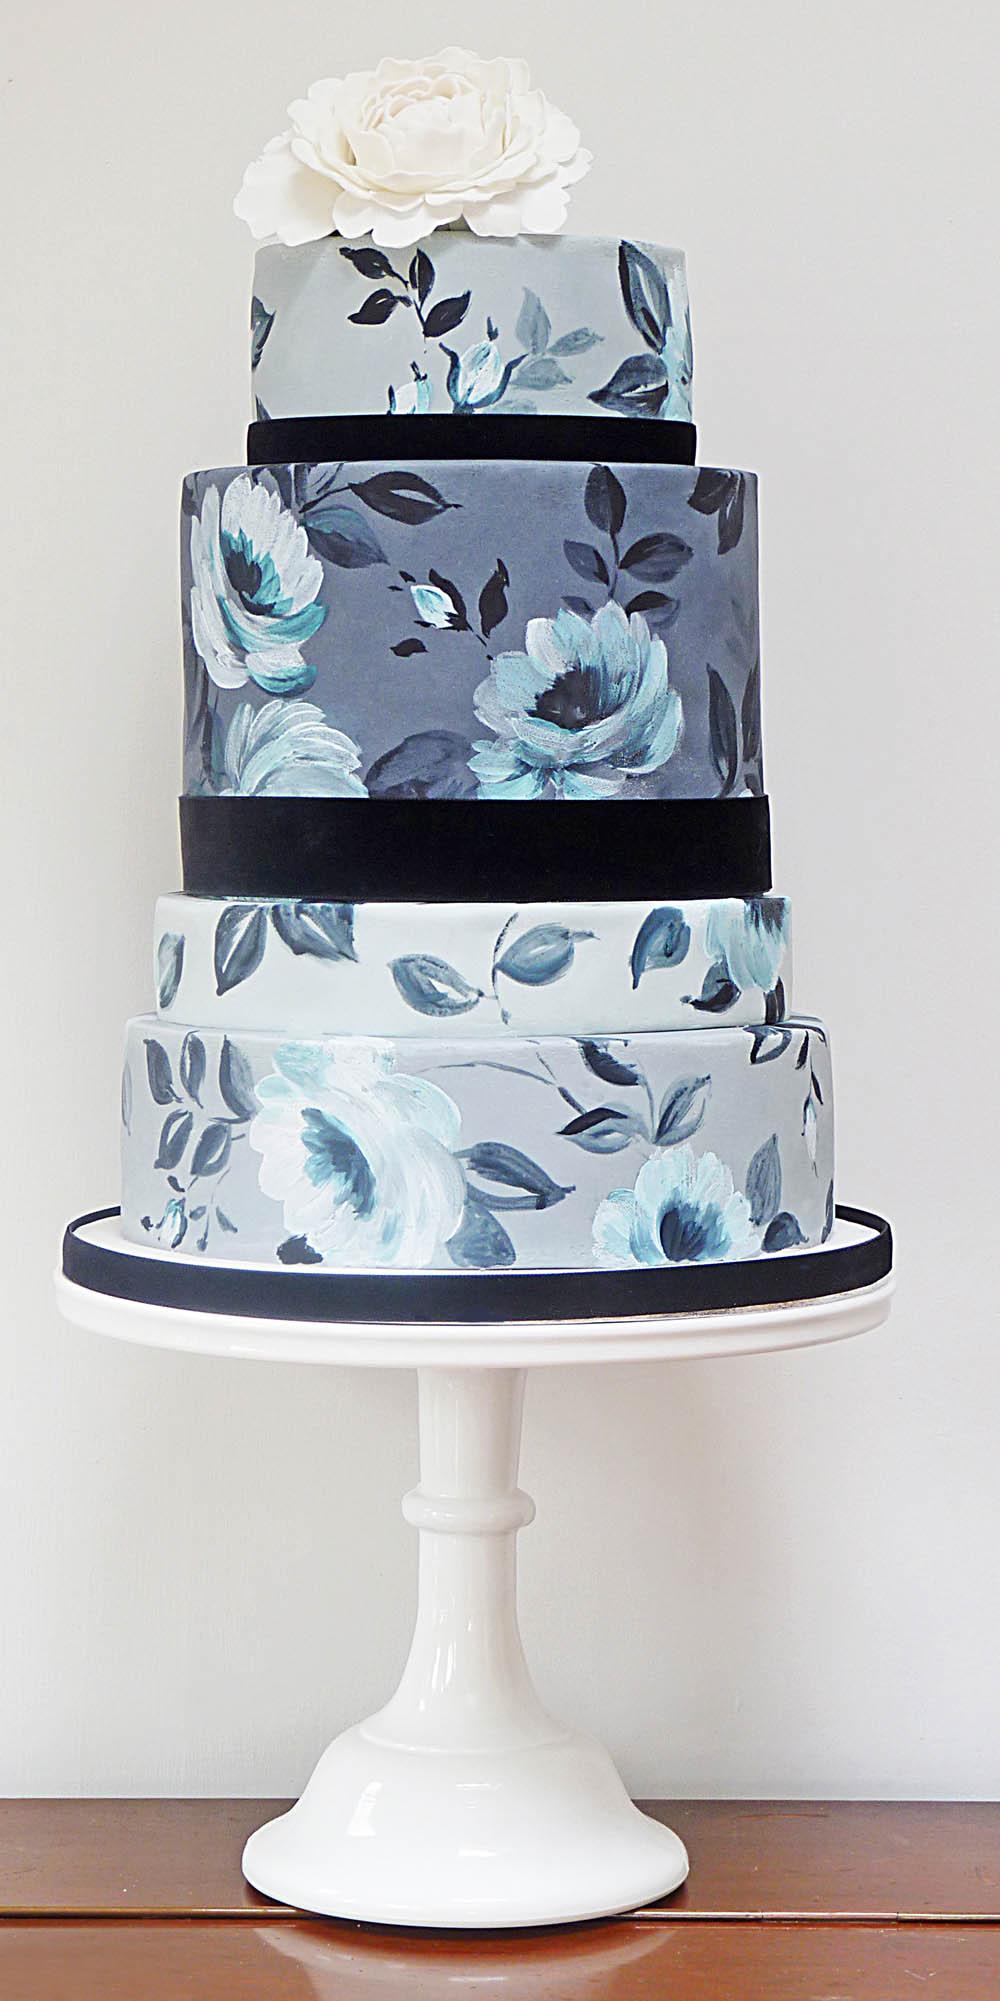 Cake Images Blue : Blue and white wedding cake